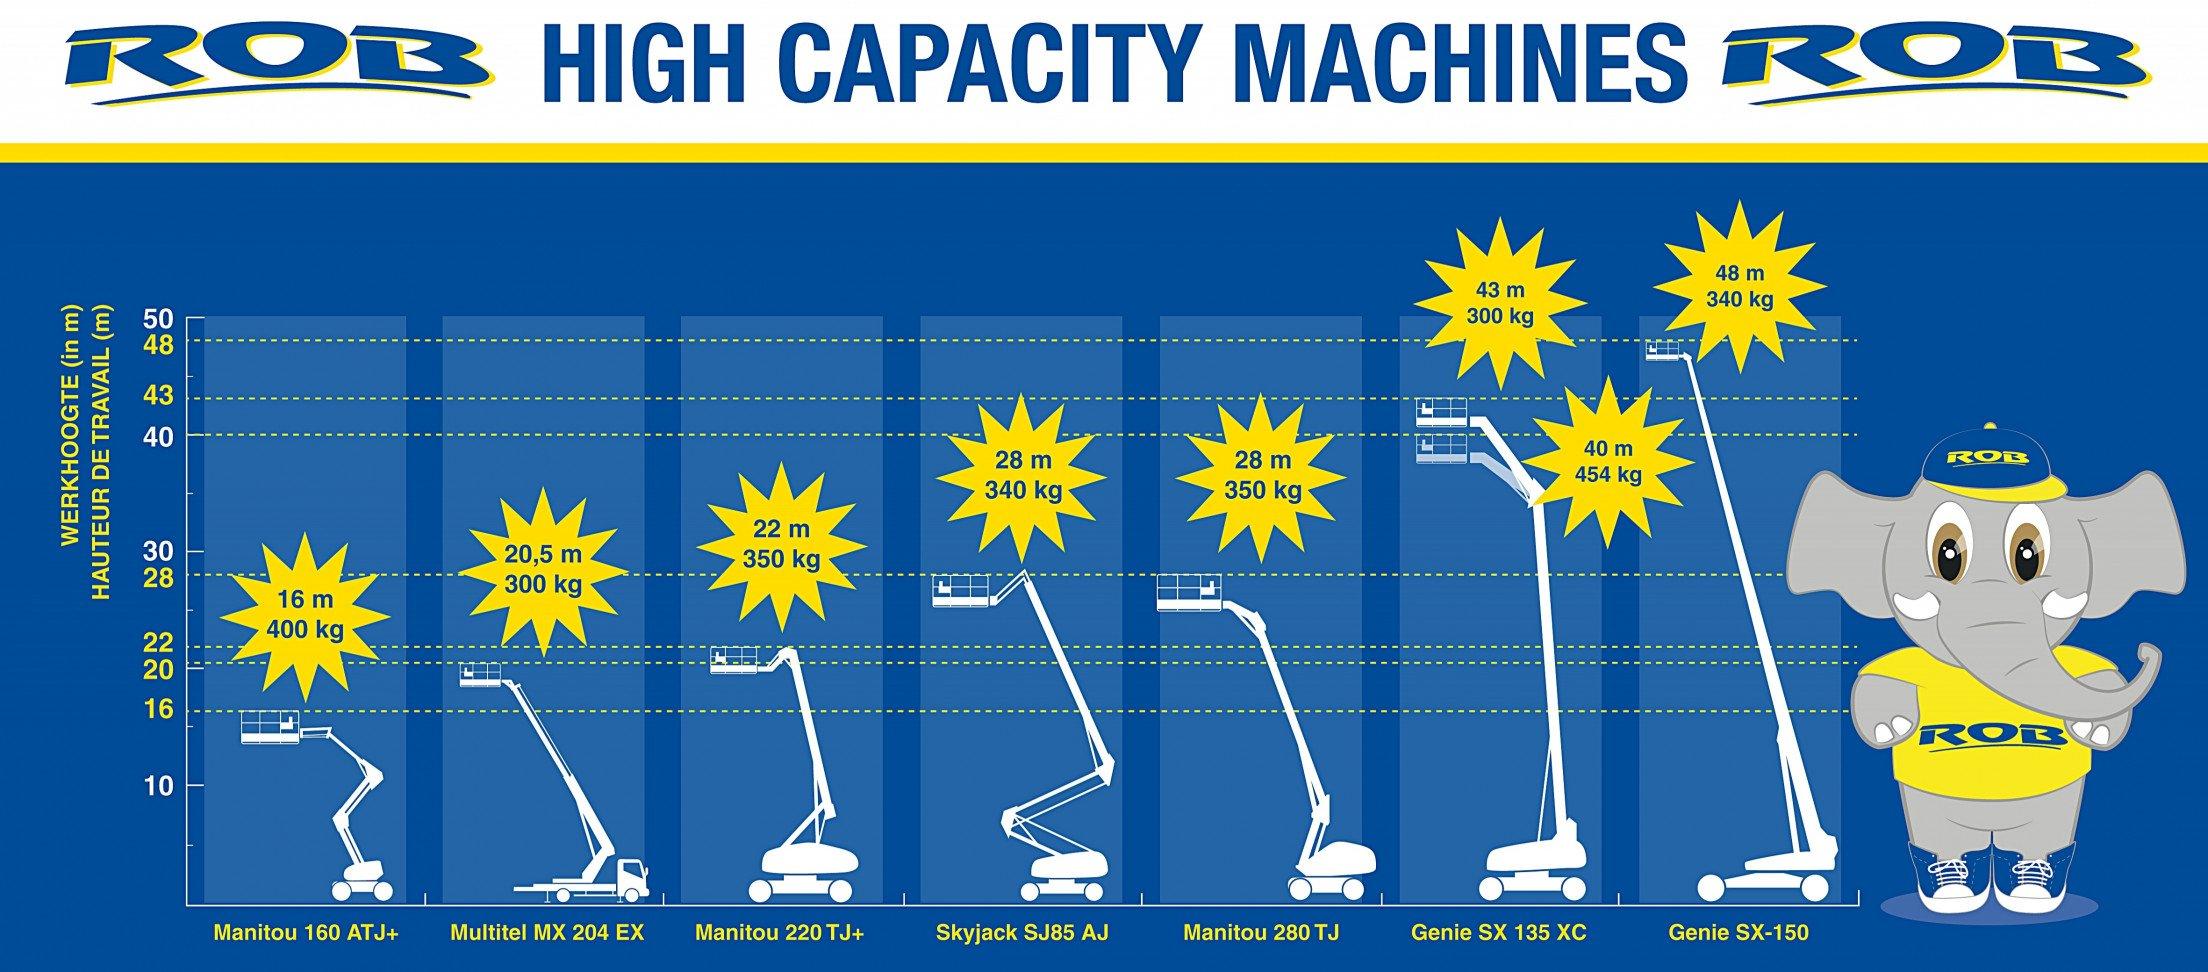 Werkhoogte High capacity